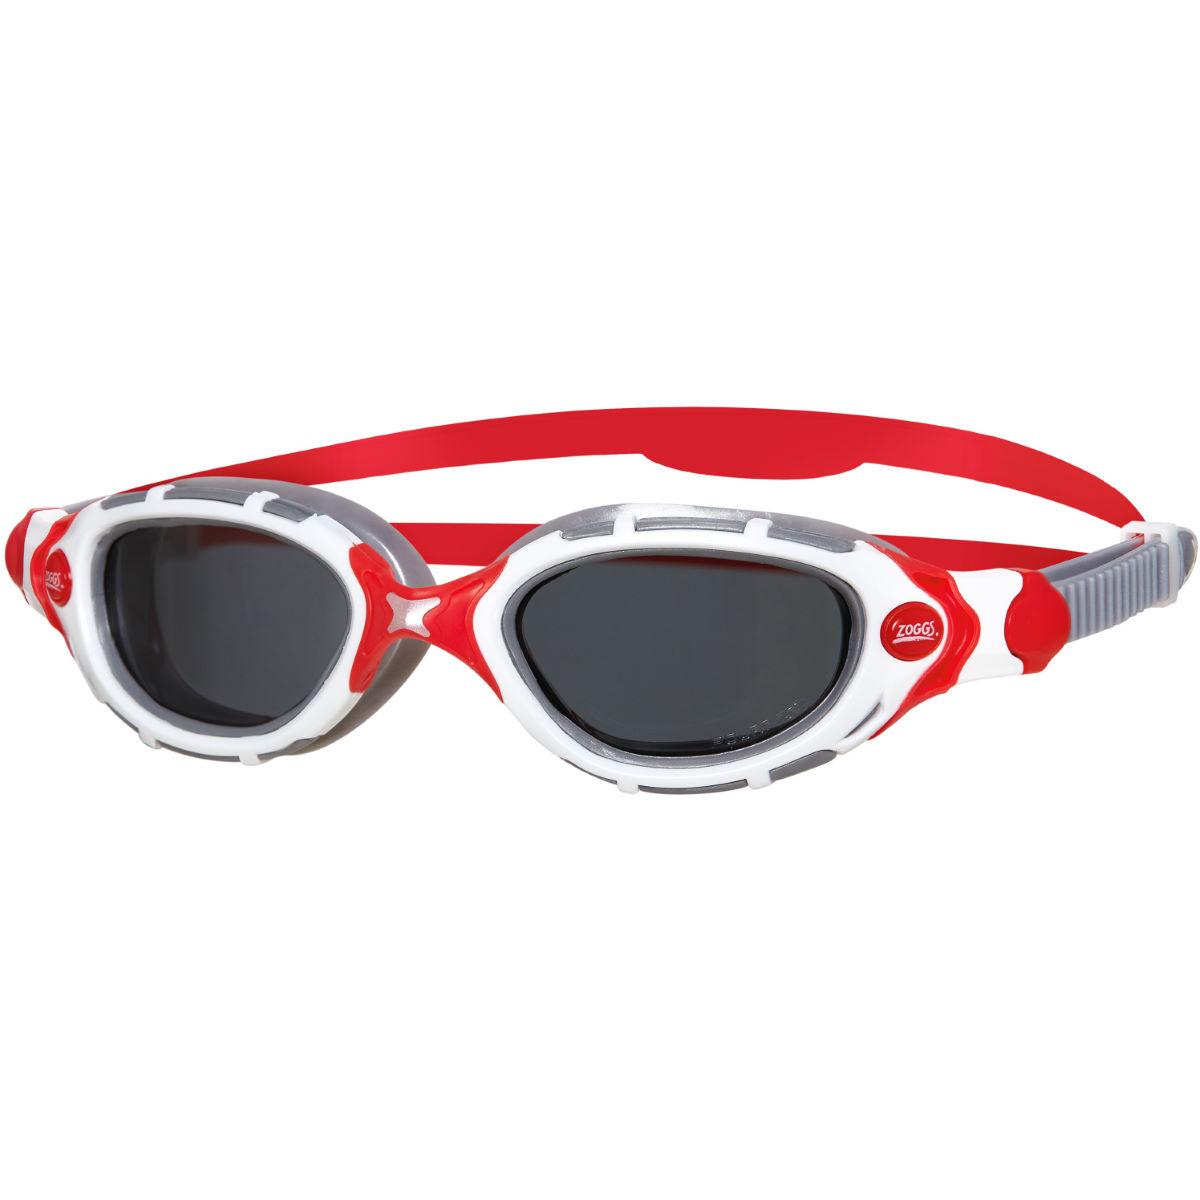 predator goggles